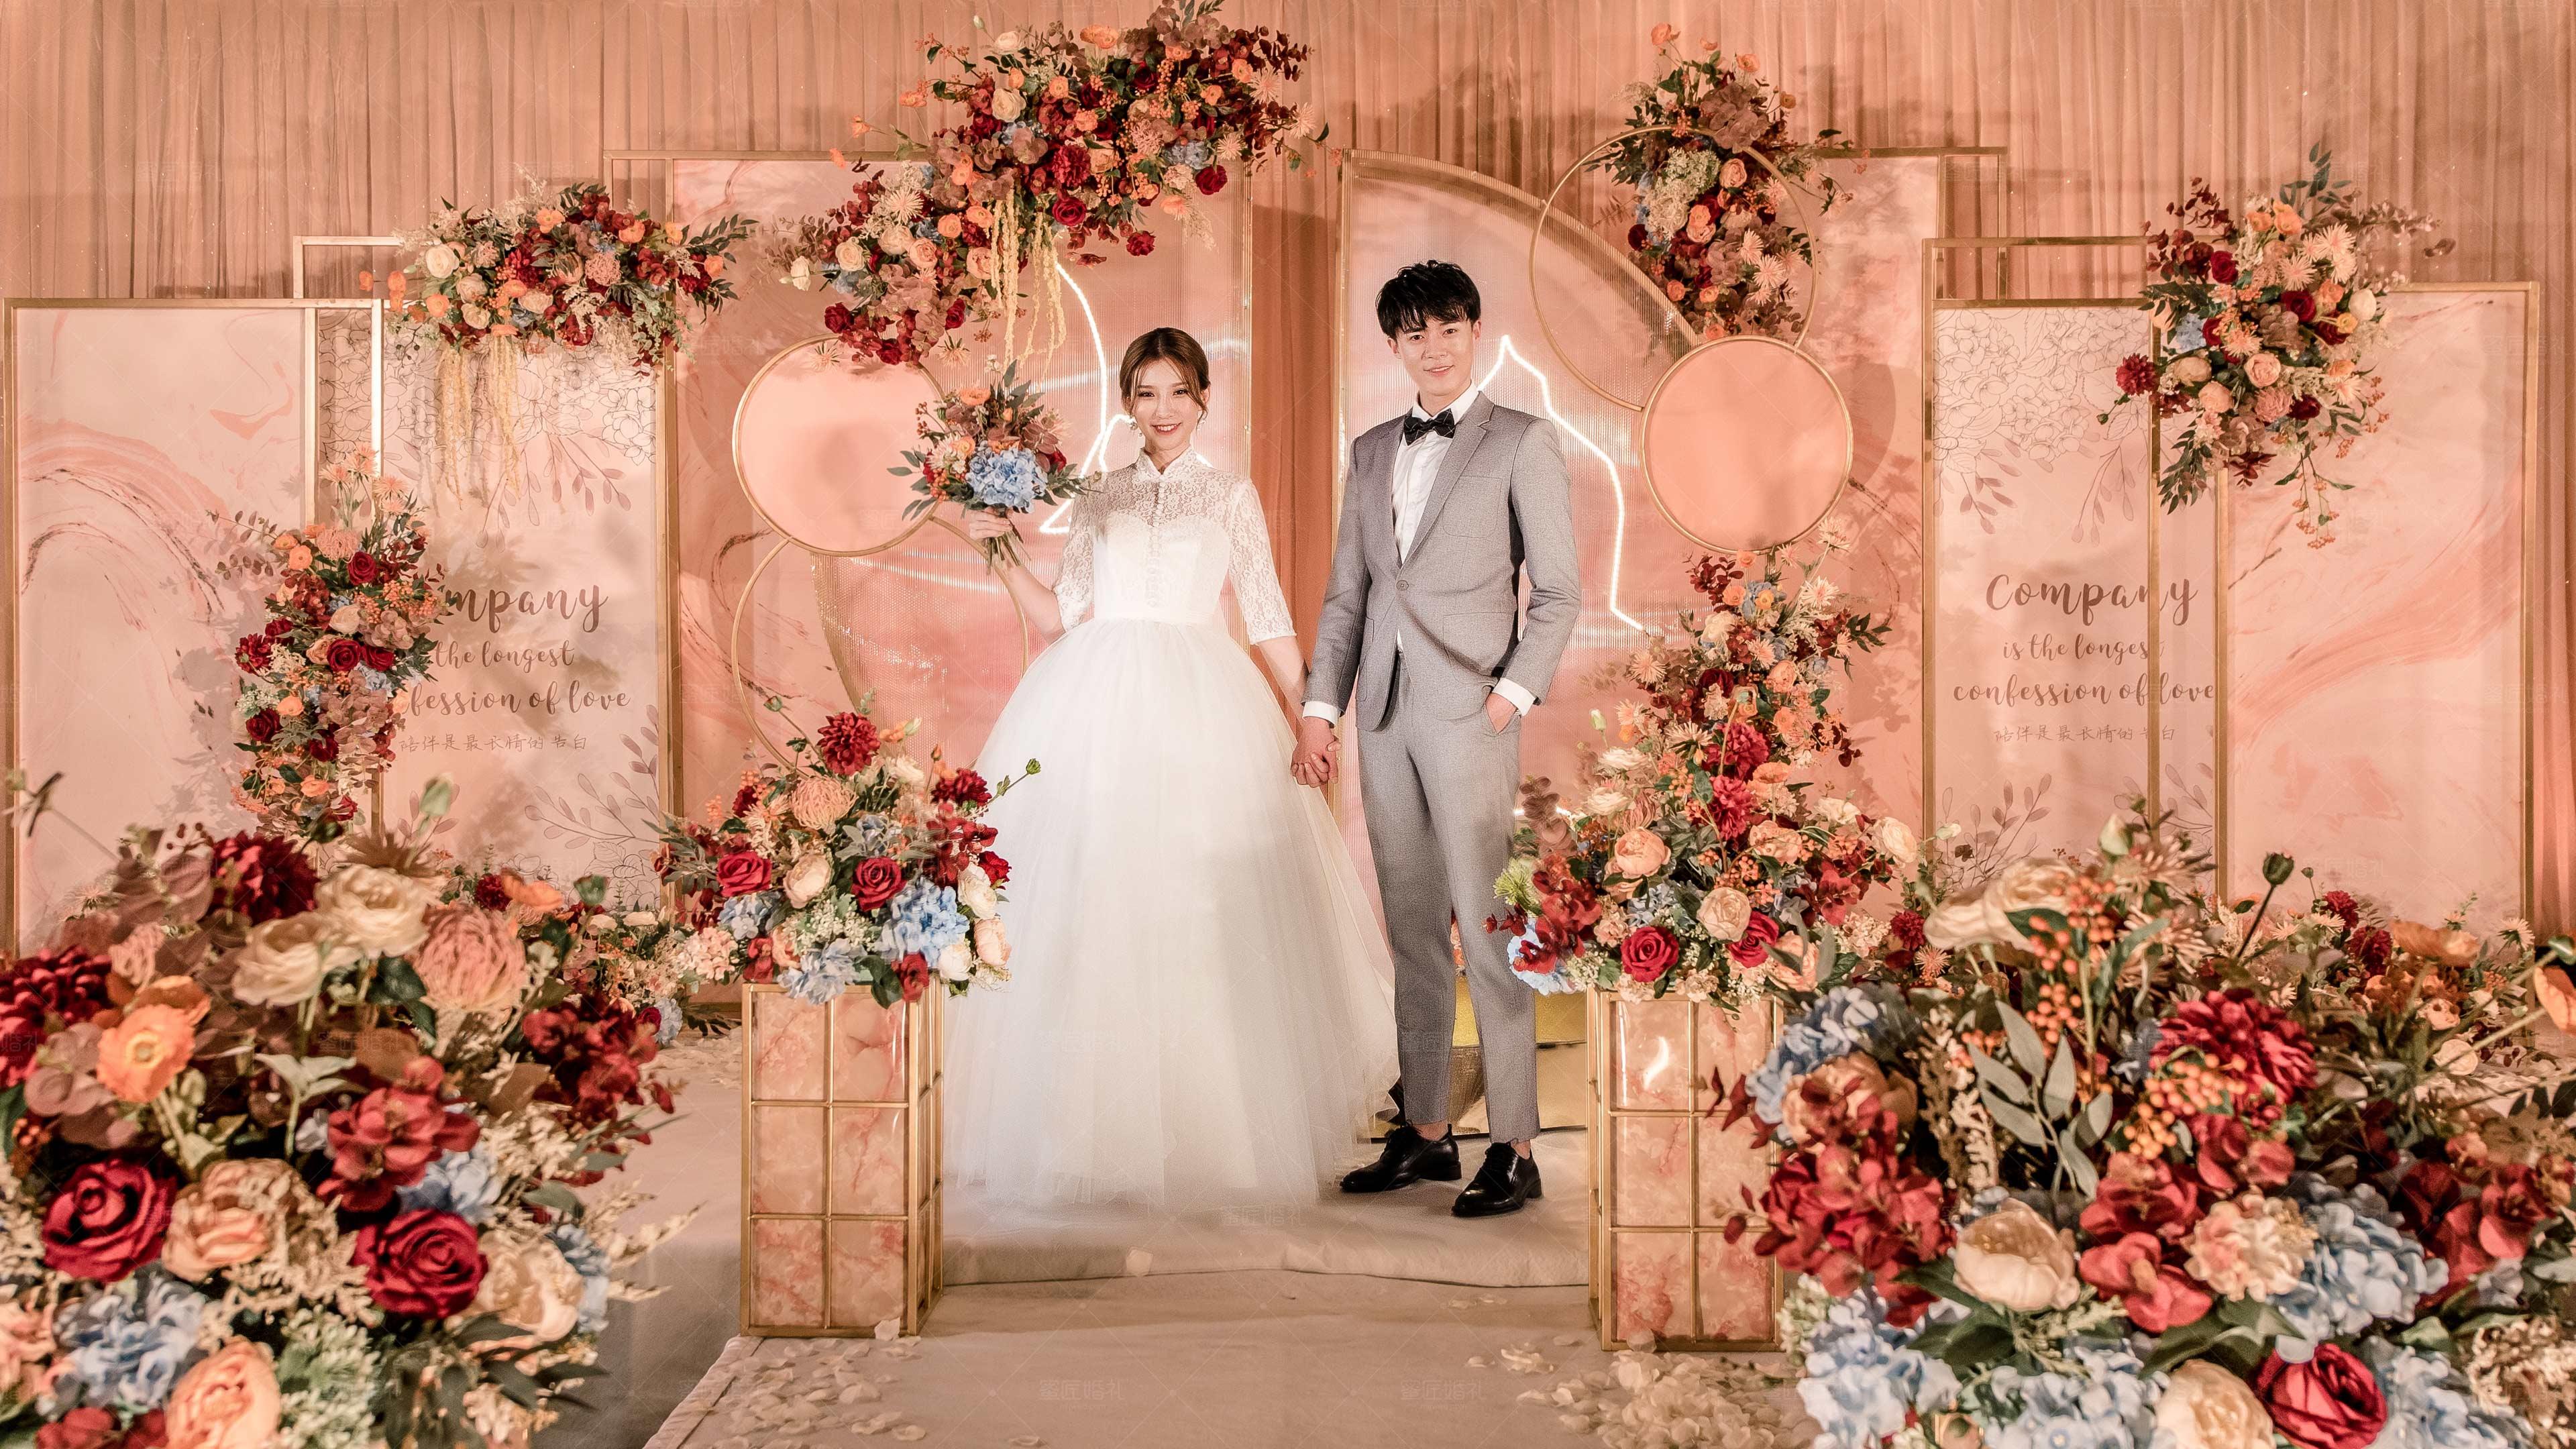 婚礼上的音乐有哪些 婚庆歌曲最火的歌2021